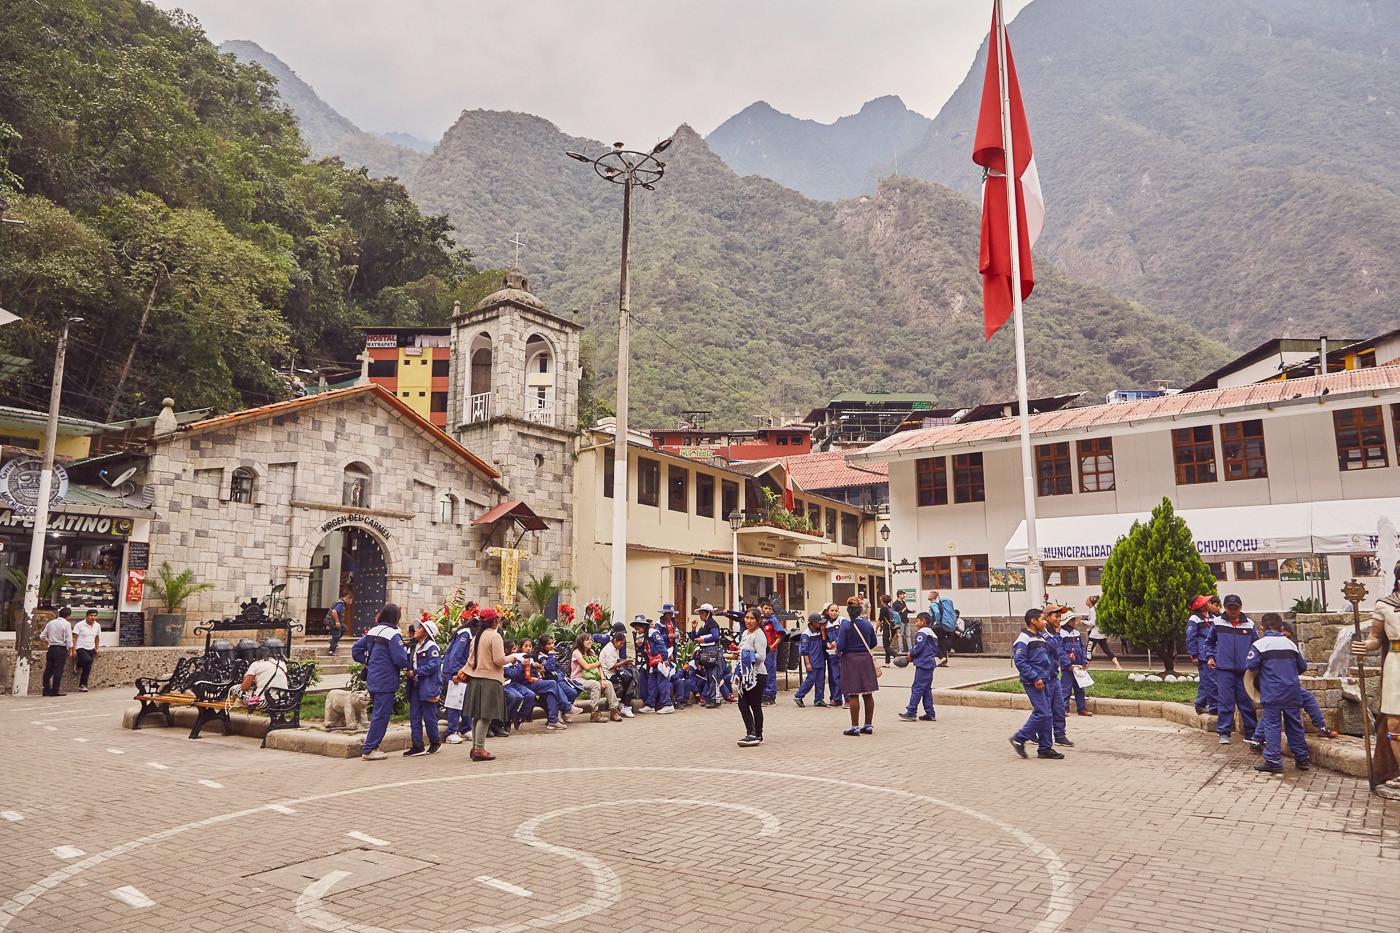 Aguas Calientes abseits der Touristenmassen hat auch seinen eigenen Charme, hier sind gerade Schulkinder auf dem Weg nach Hause